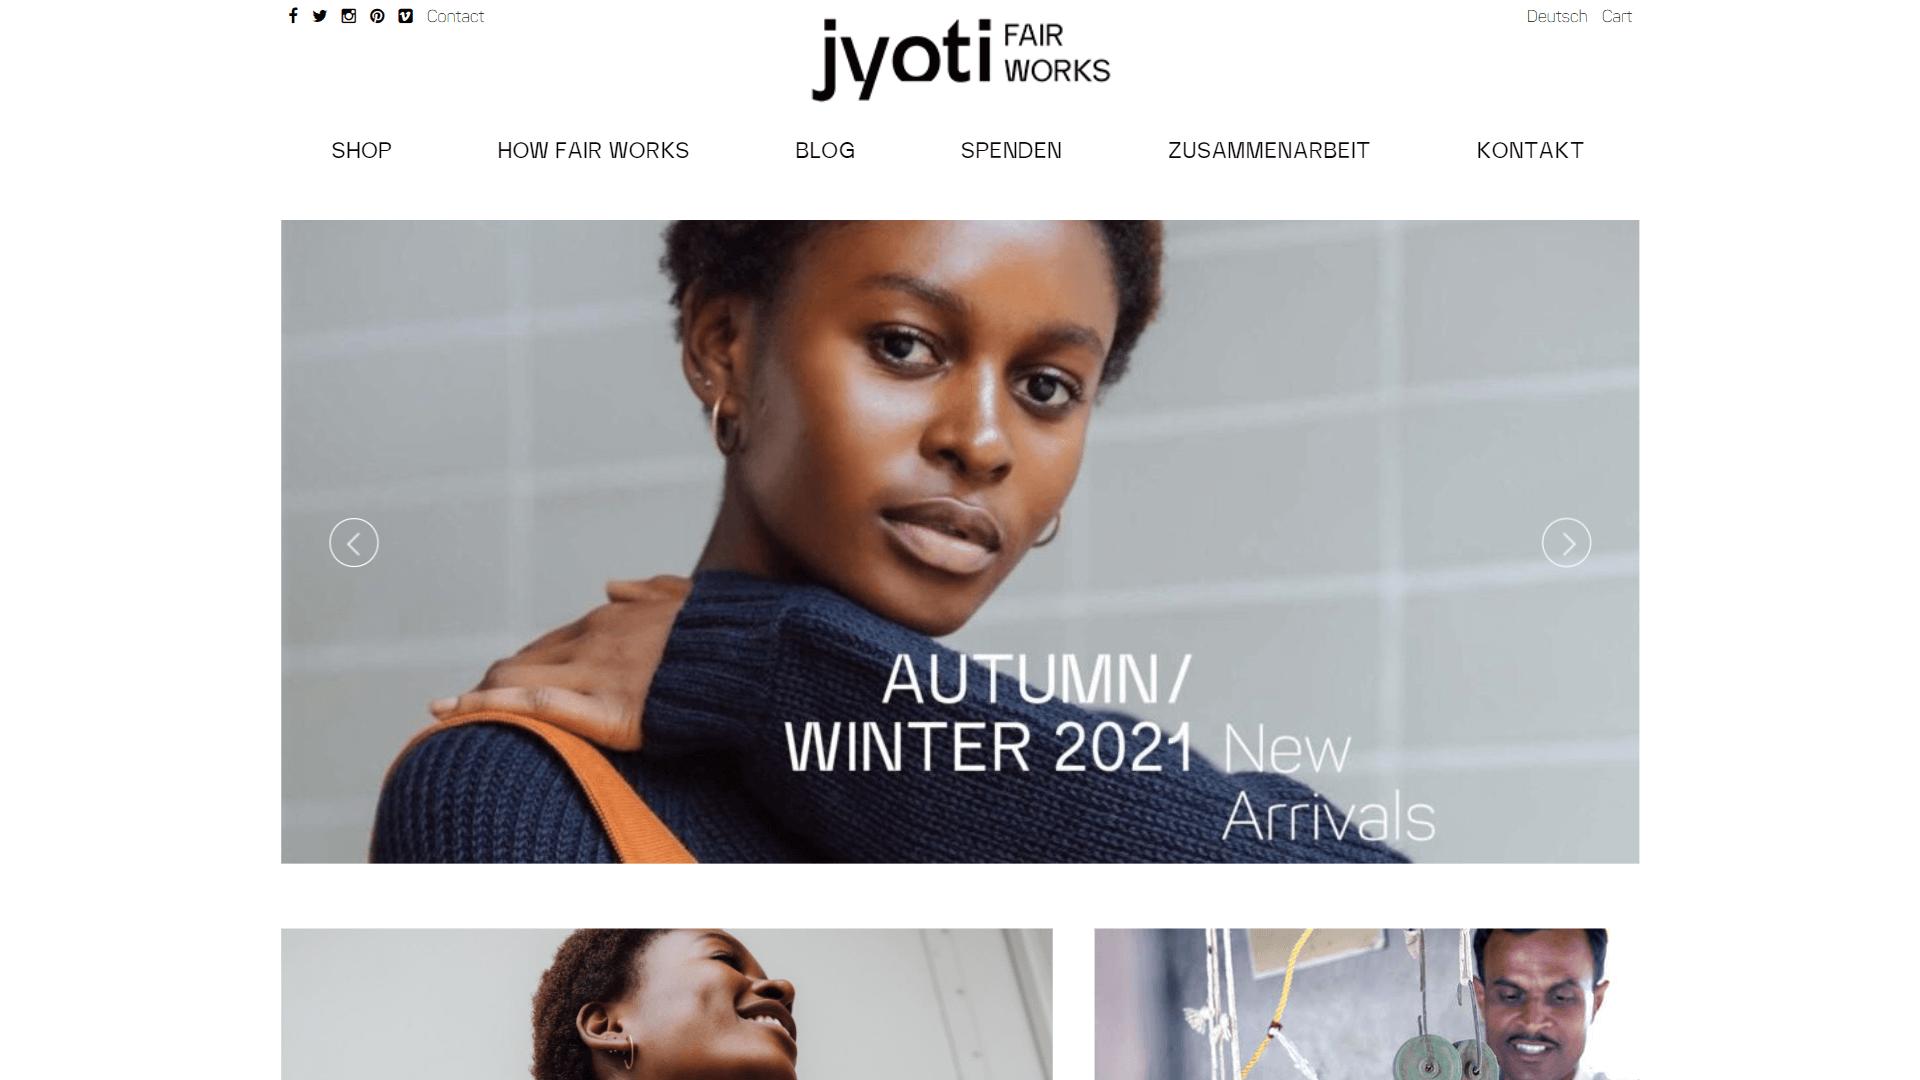 jyoti-fairworks.png